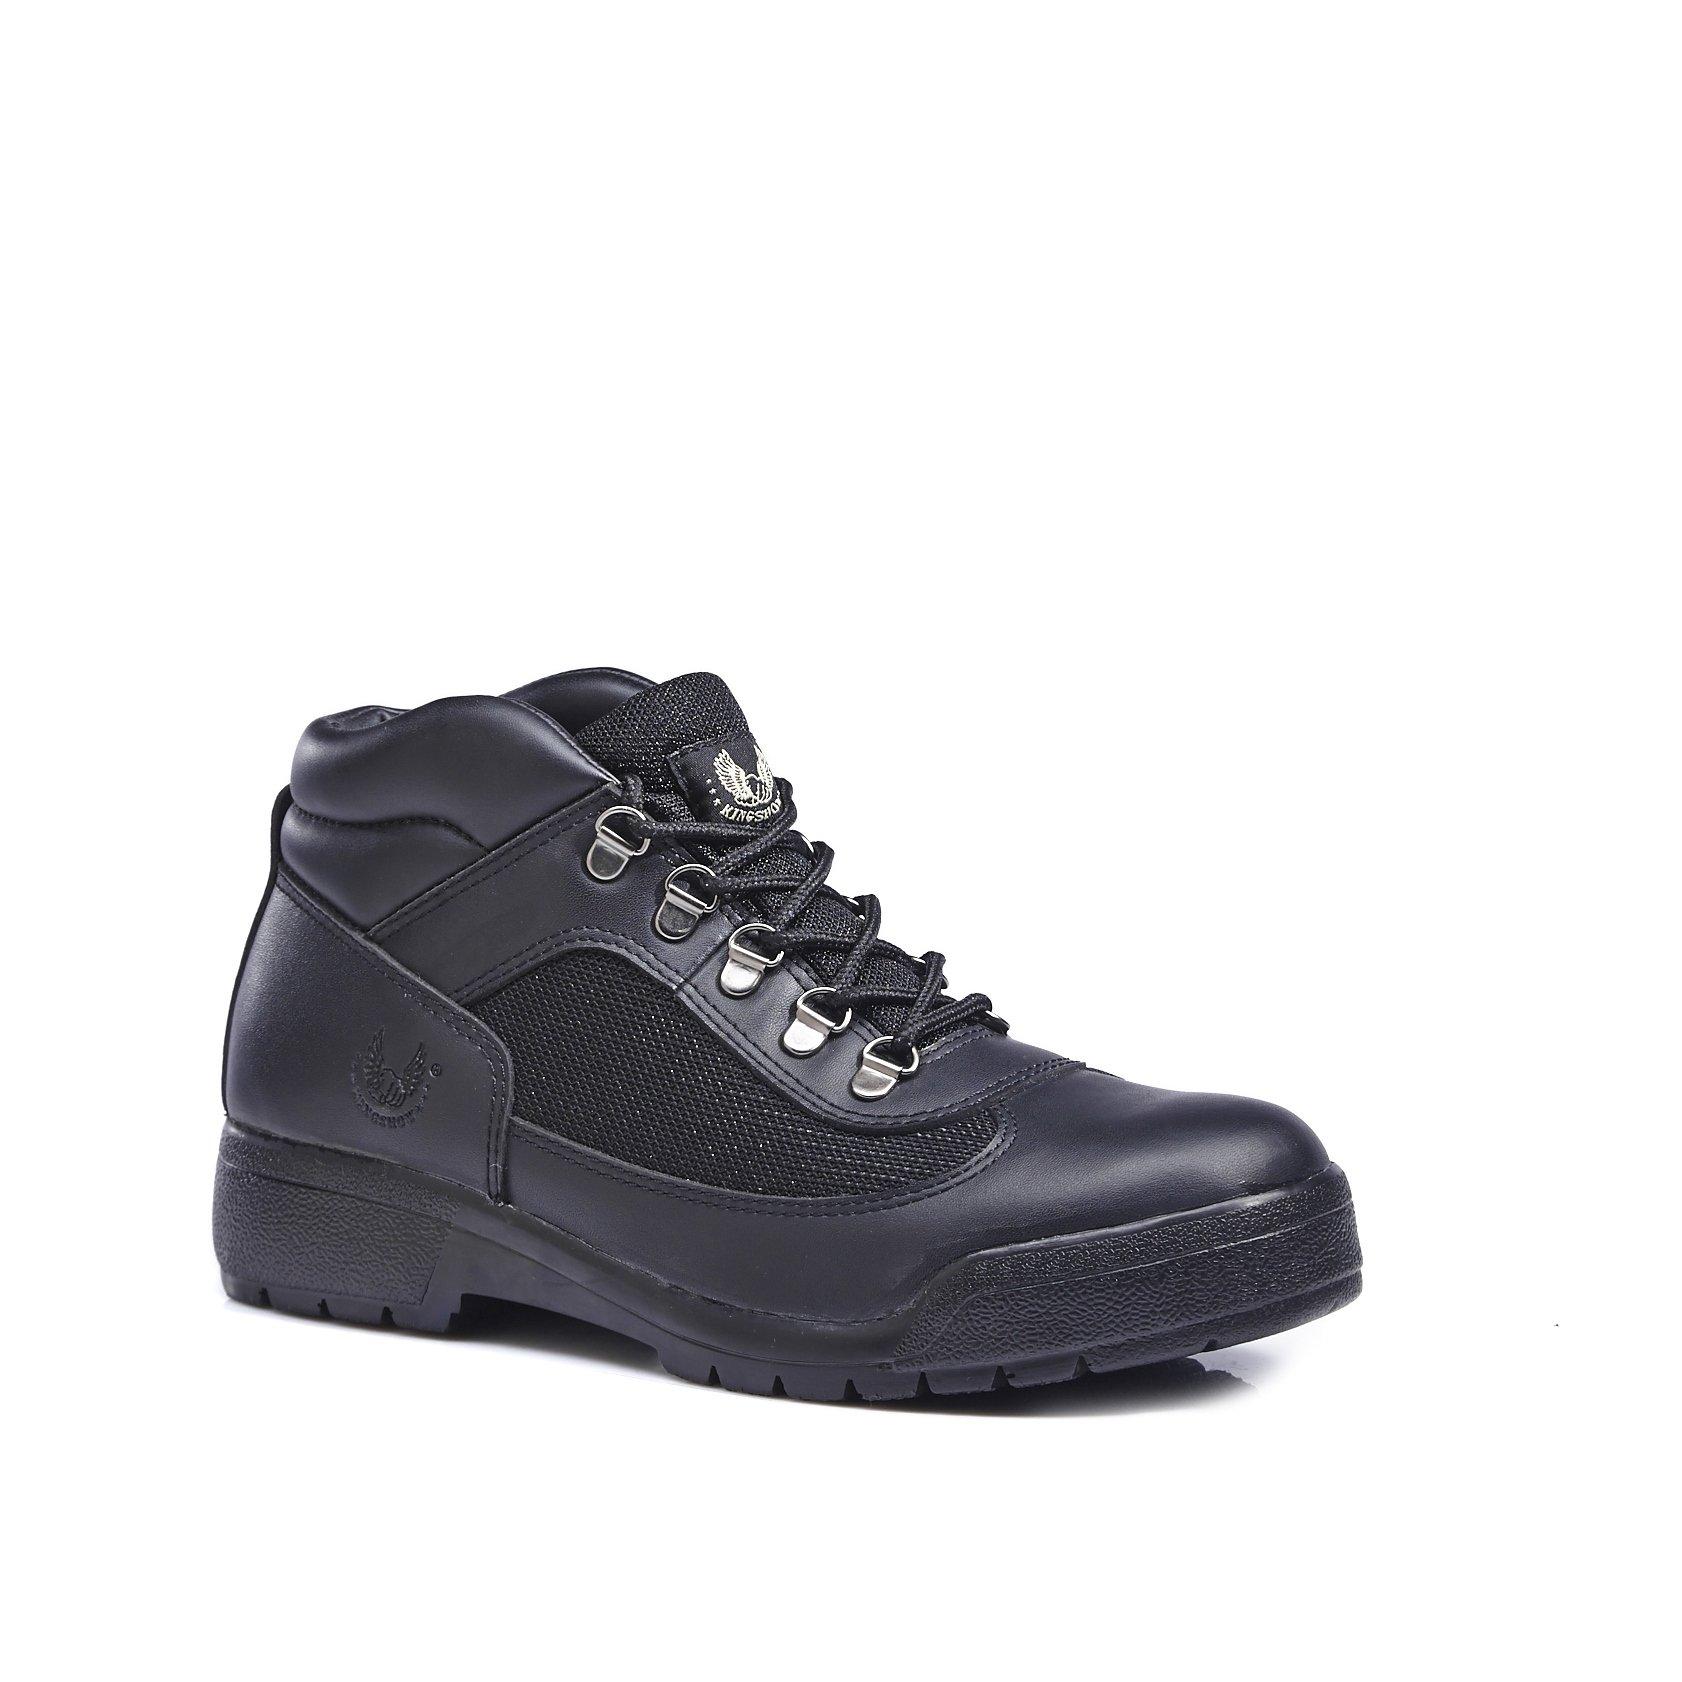 KINGSHOW Men's Classic Work Boots (8.5 M US Men's, Black)